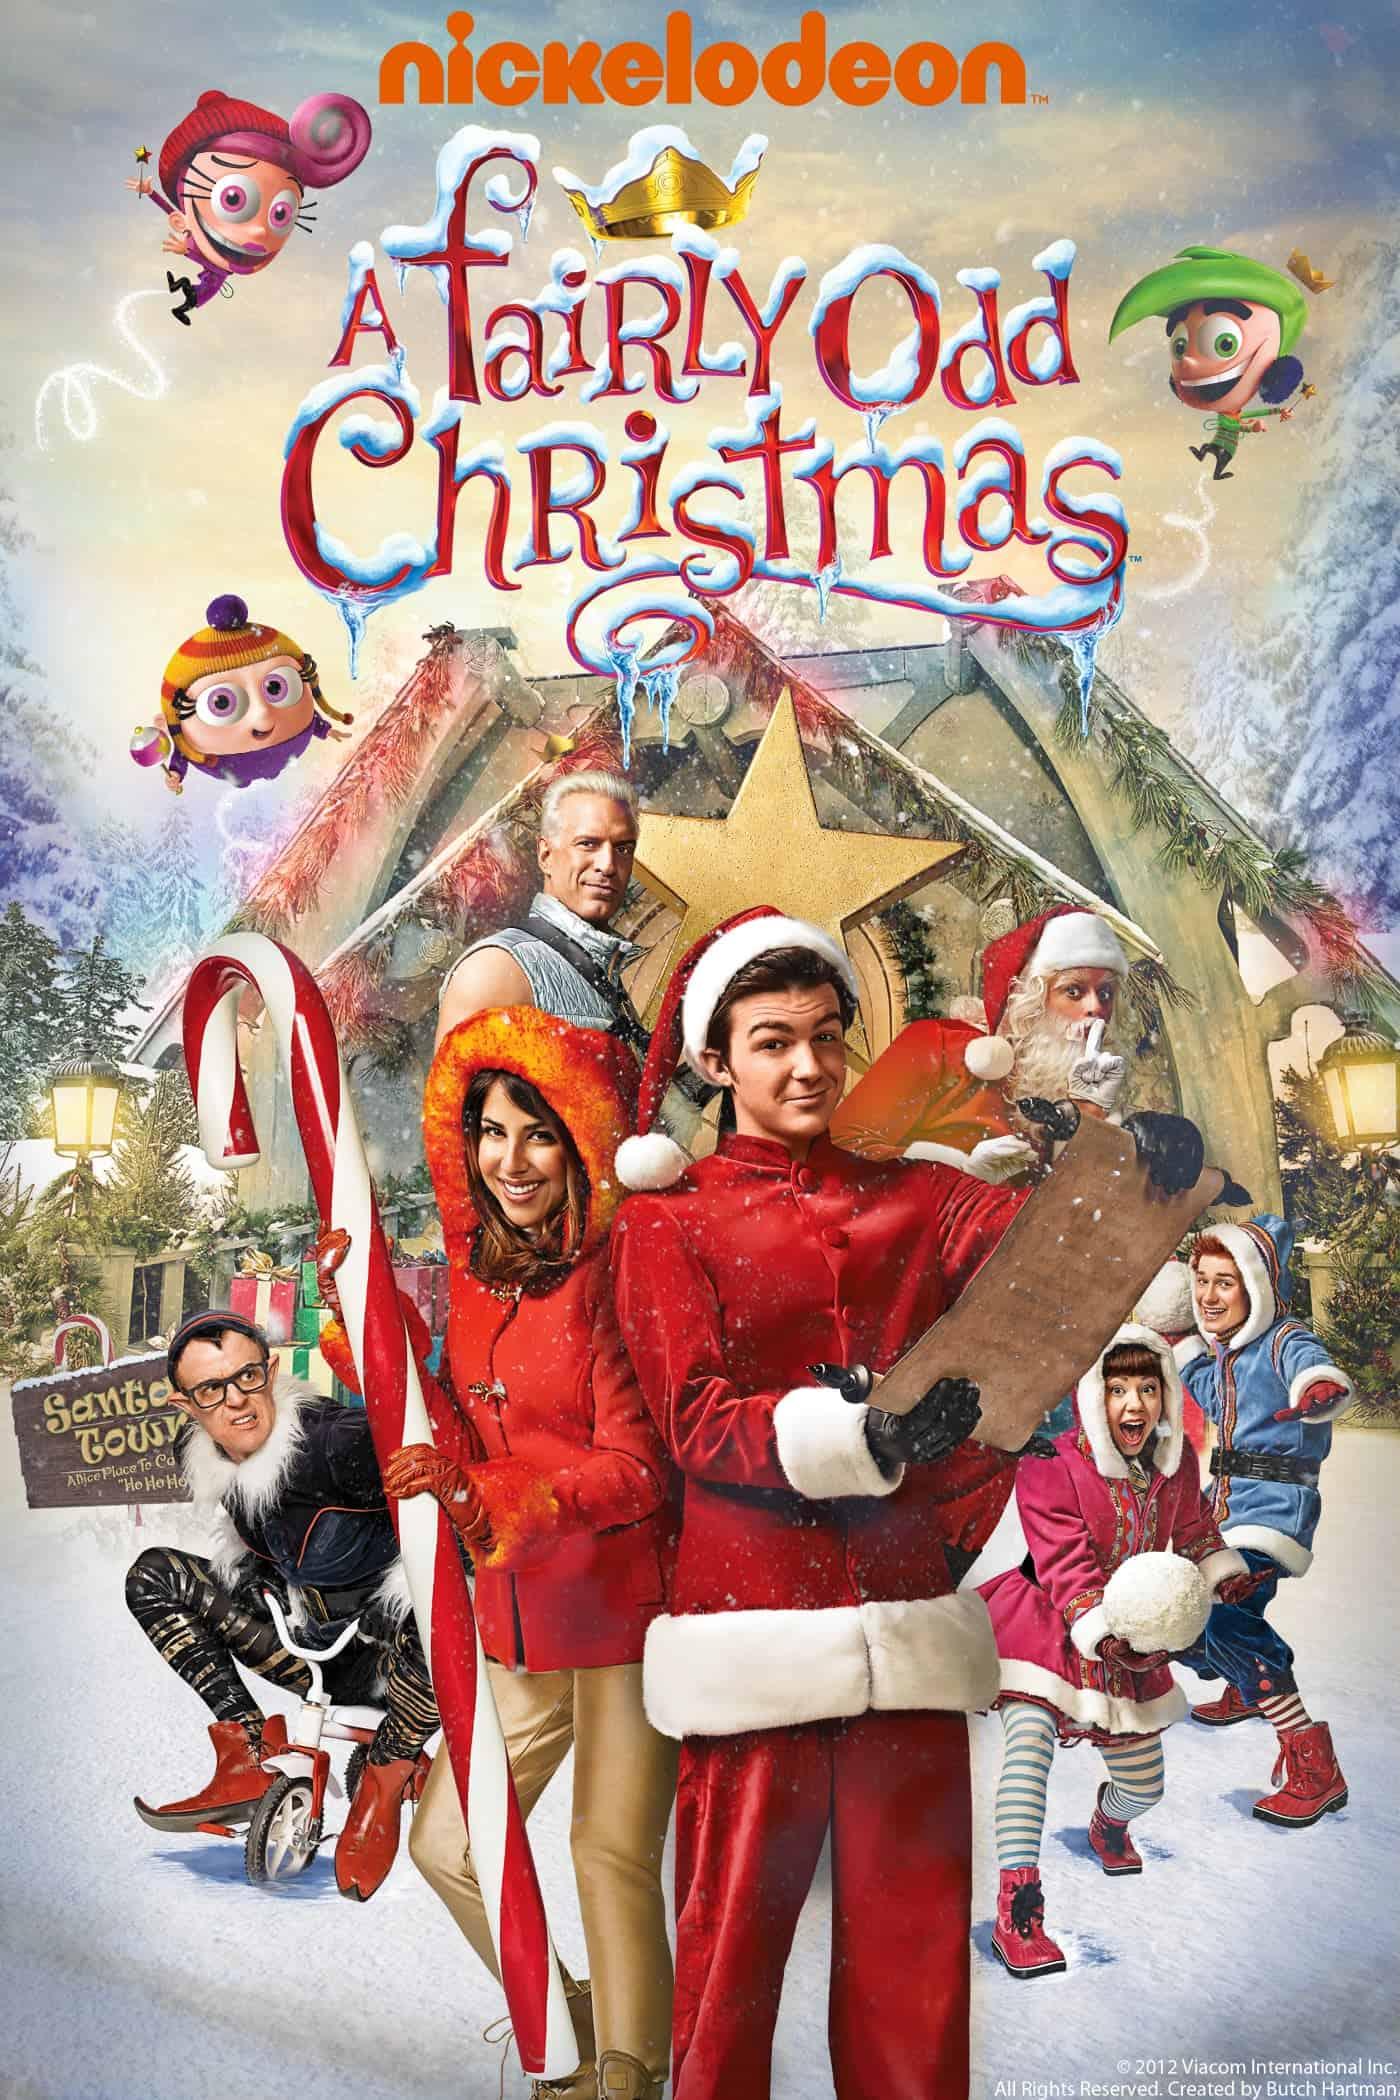 A Fairly Odd Christmas, 2012